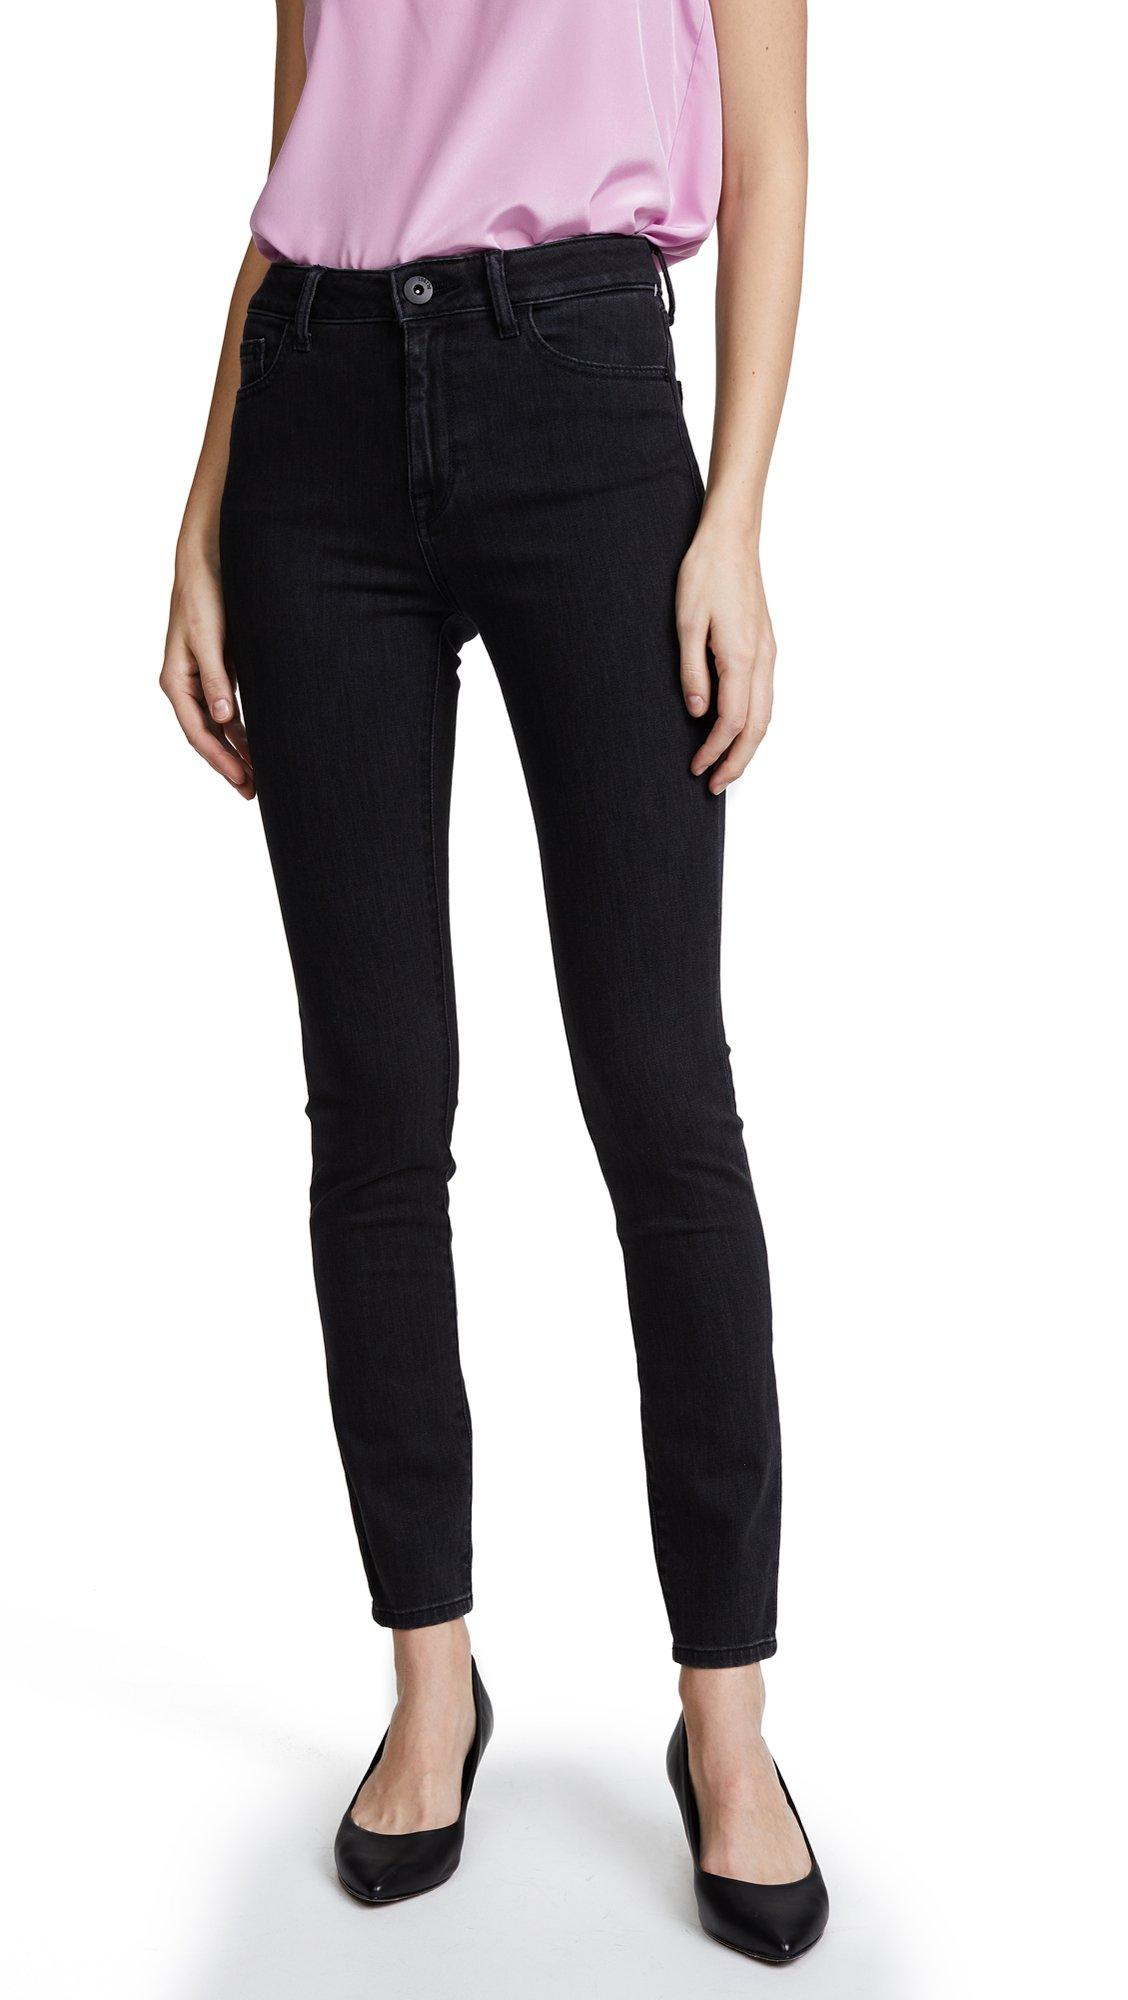 DL1961 Women's Farrow Instaslim Jeans, Magma, 31